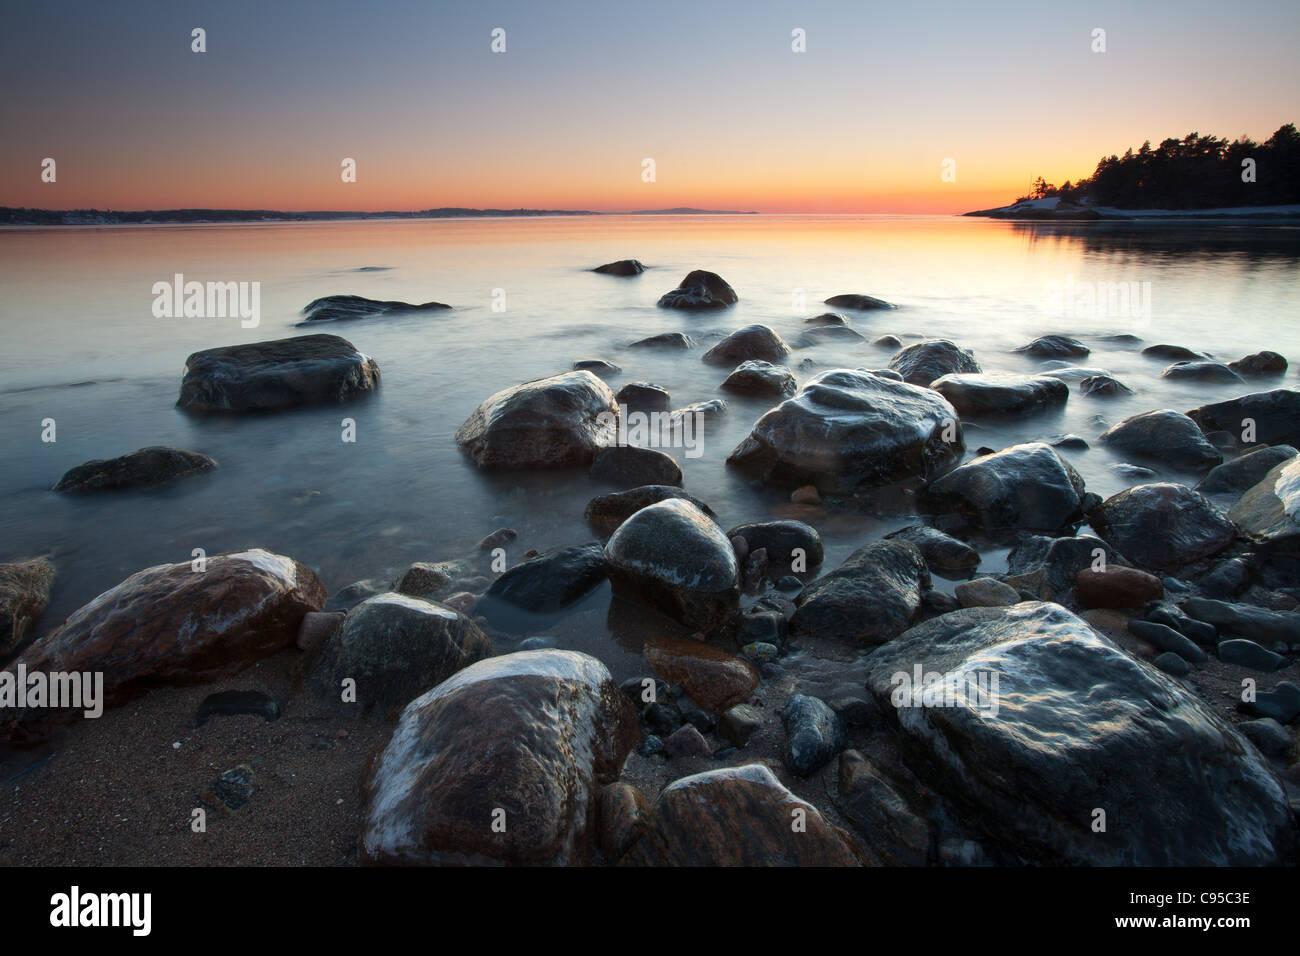 Paysage côtier au crépuscule au four, par l'horizon, à Råde kommune, Østfold fylke, la Norvège. Banque D'Images